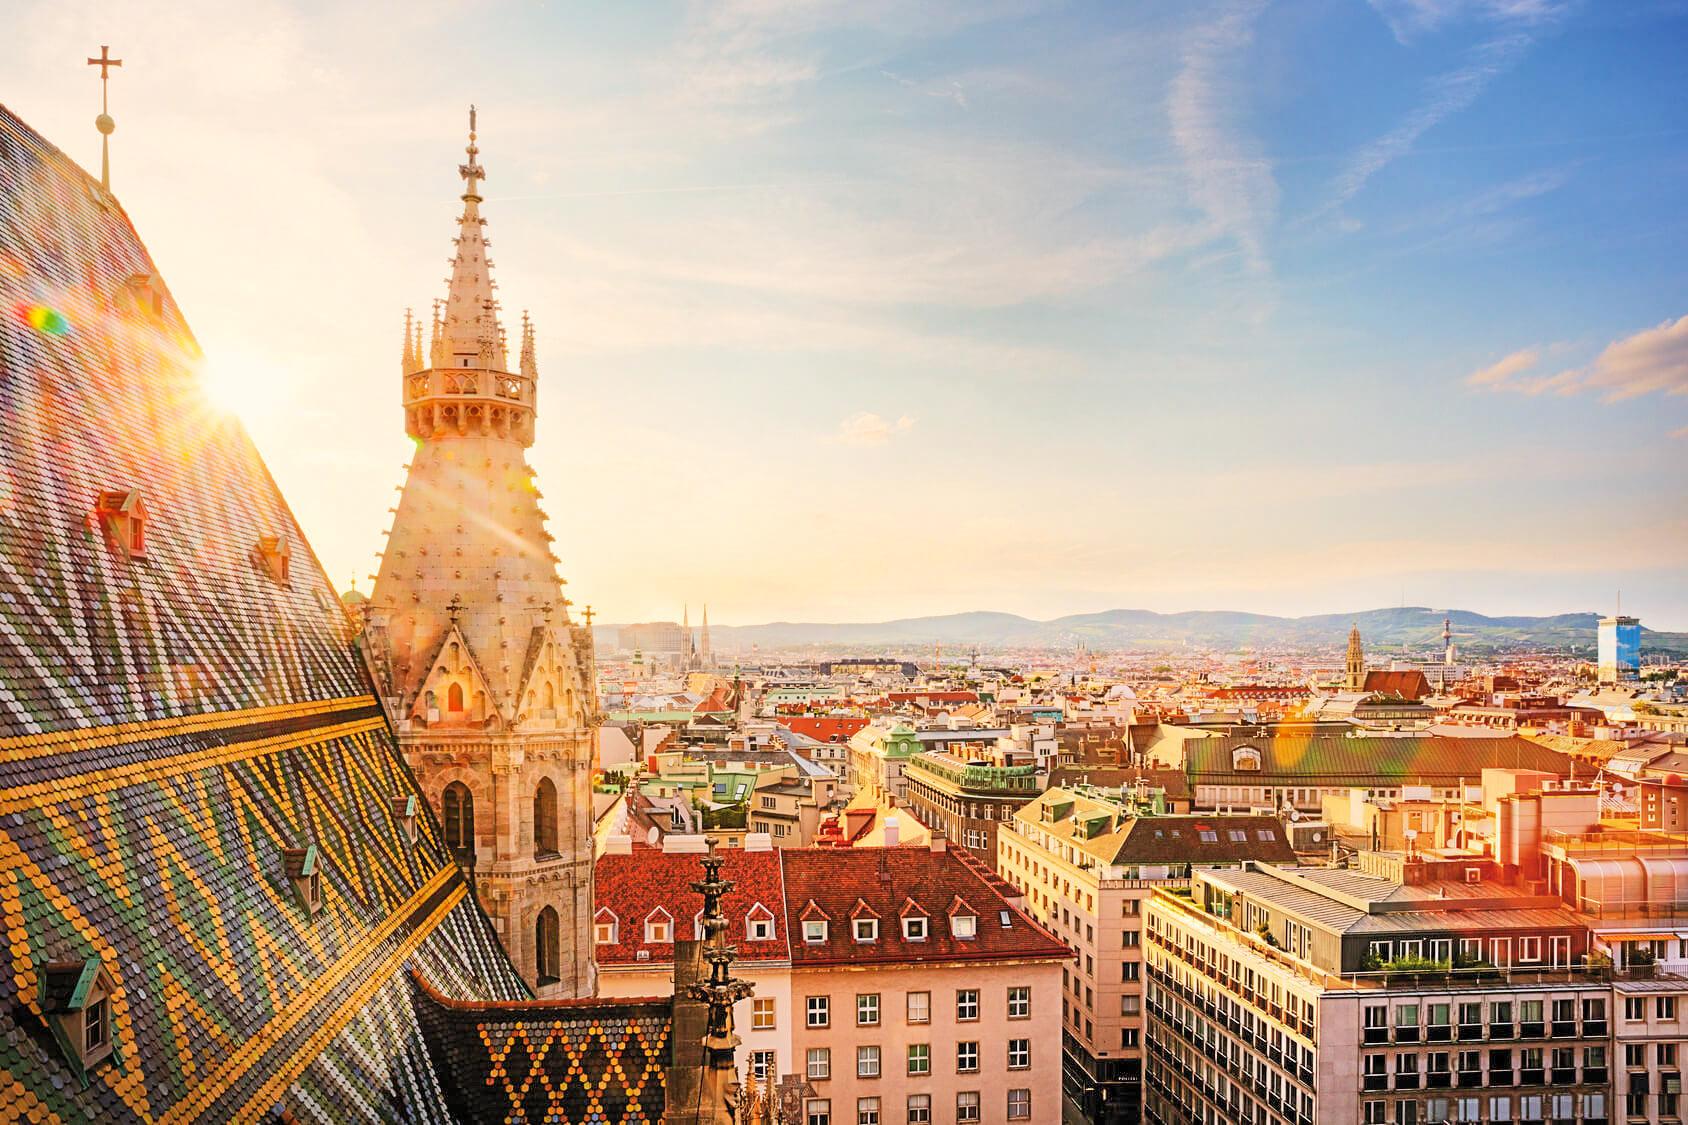 巴黎(Paris)-维也纳(Vienna)